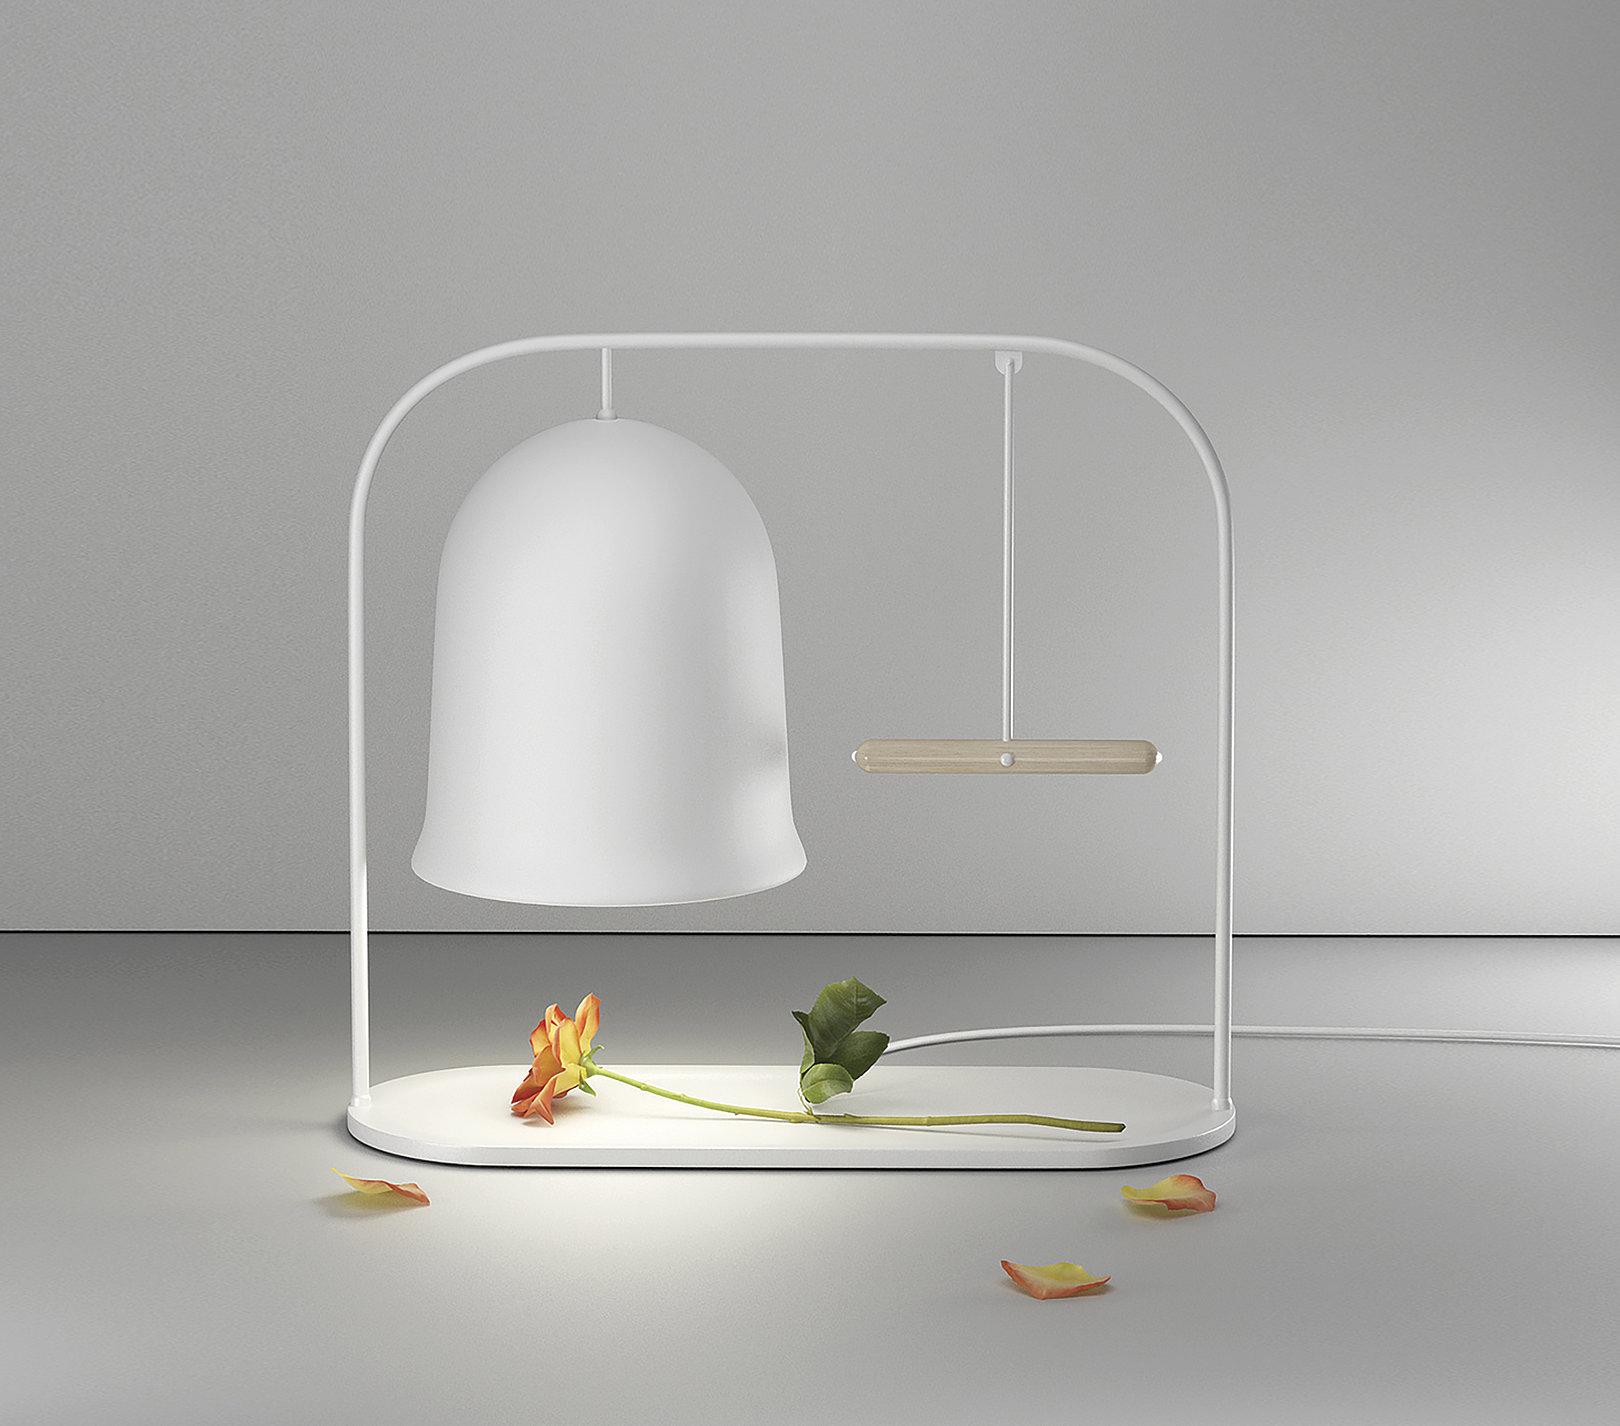 Qiao | Red Dot Design Award